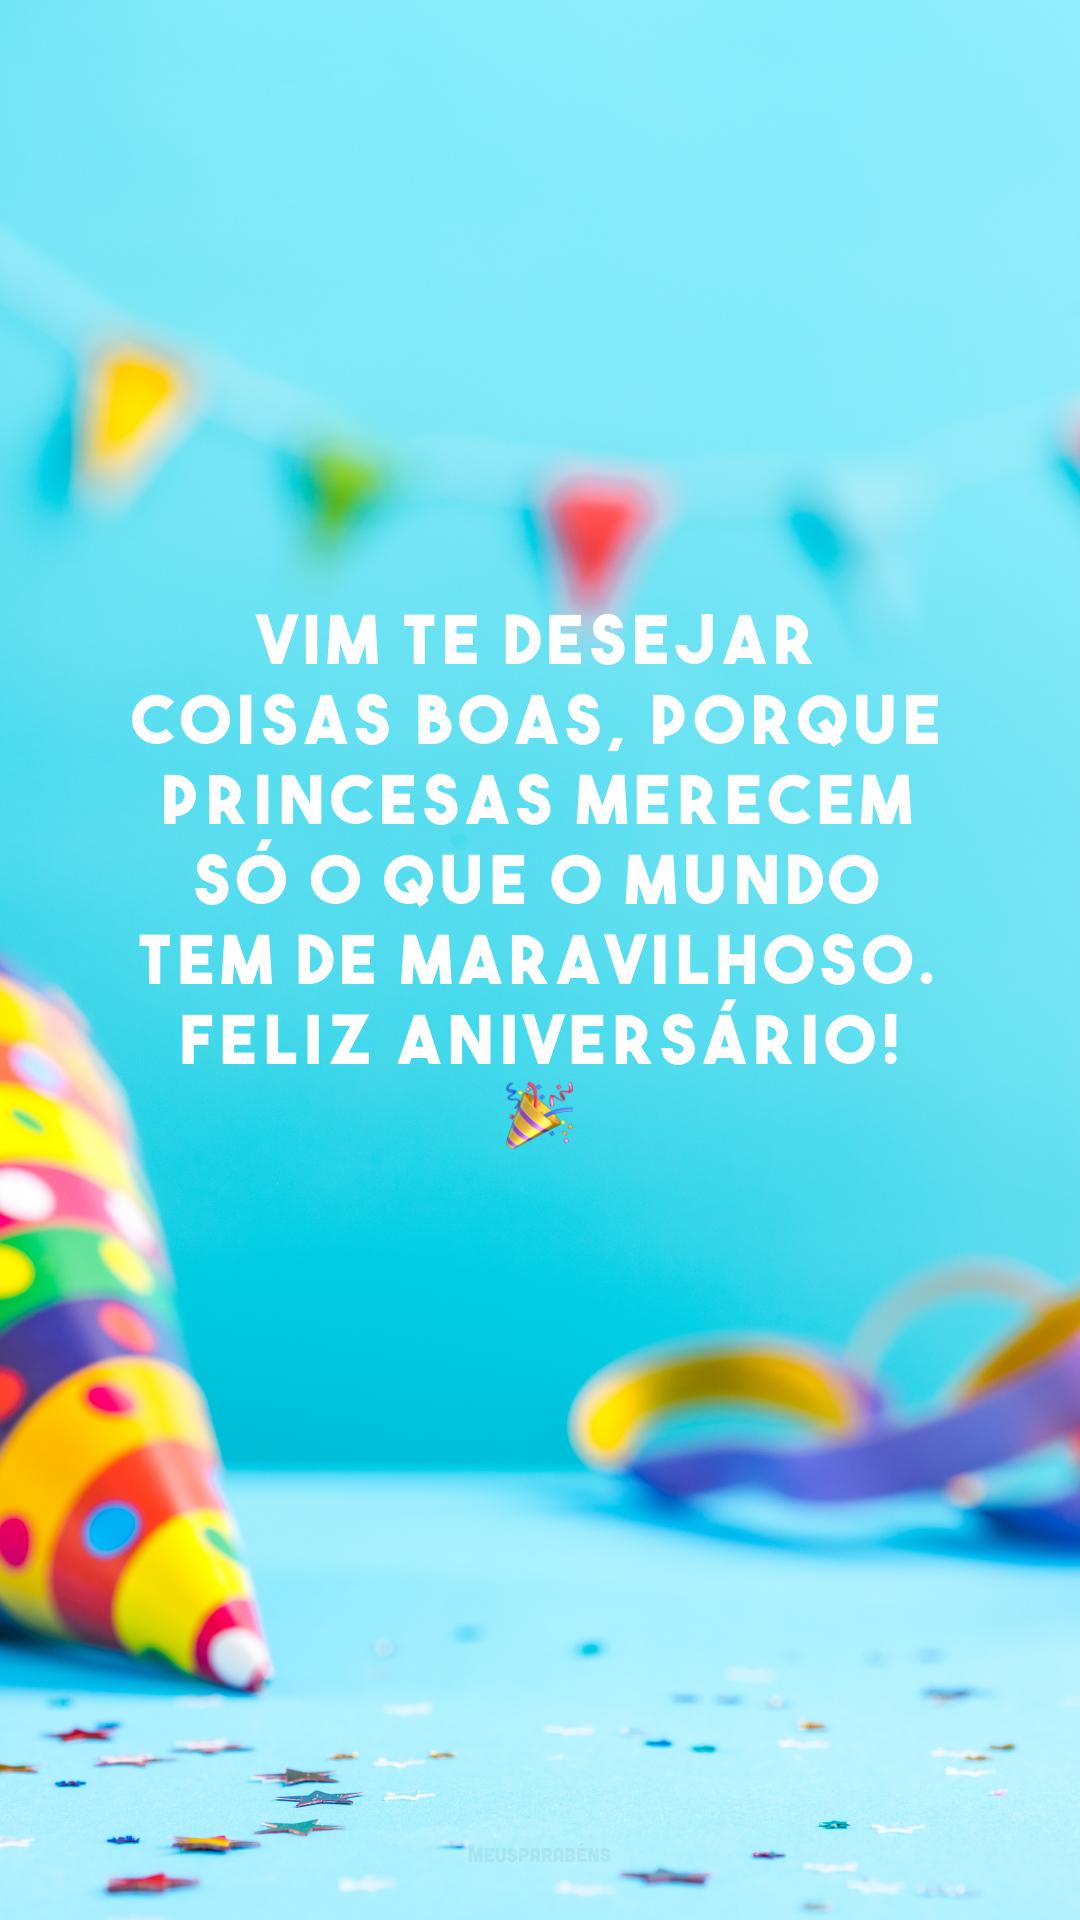 Vim te desejar coisas boas, porque princesas merecem só o que o mundo tem de maravilhoso. Feliz aniversário! 🎉